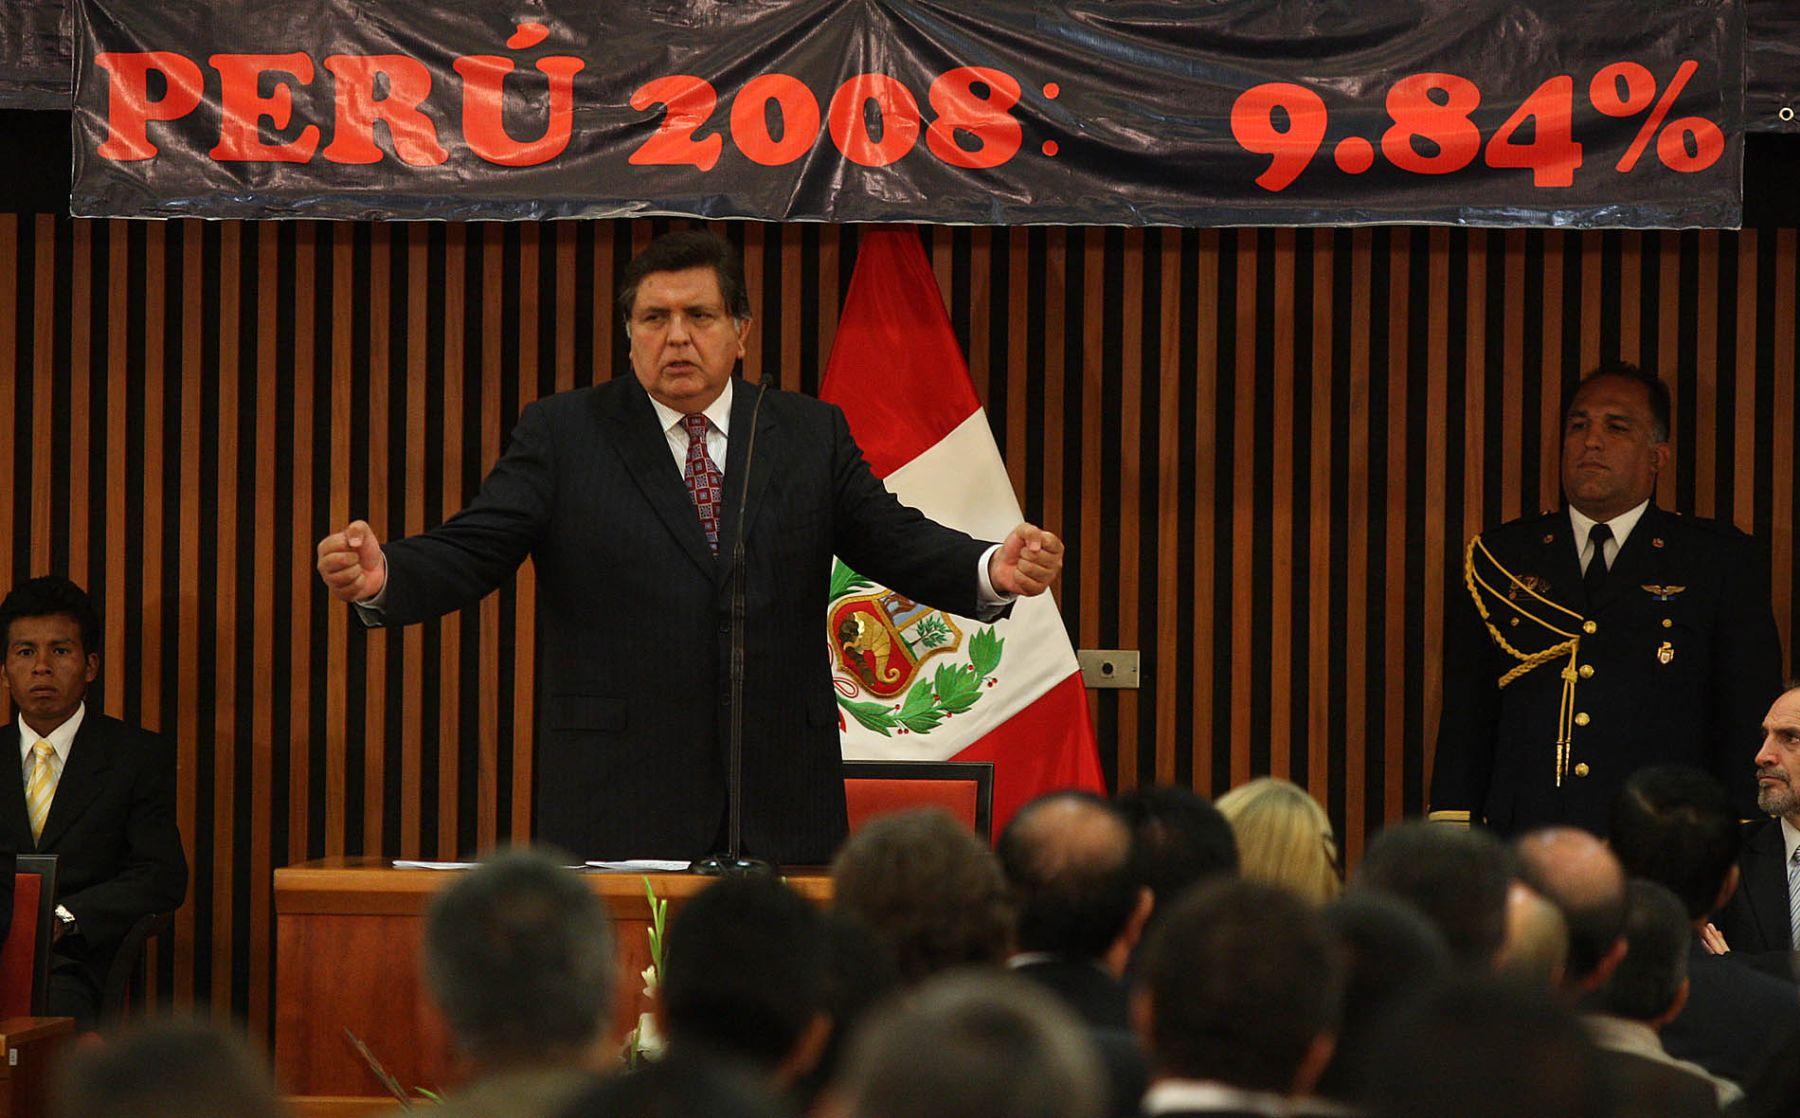 presidente-garcia-pide-confianza-en-crecimiento-de-peru-2009-a-2010